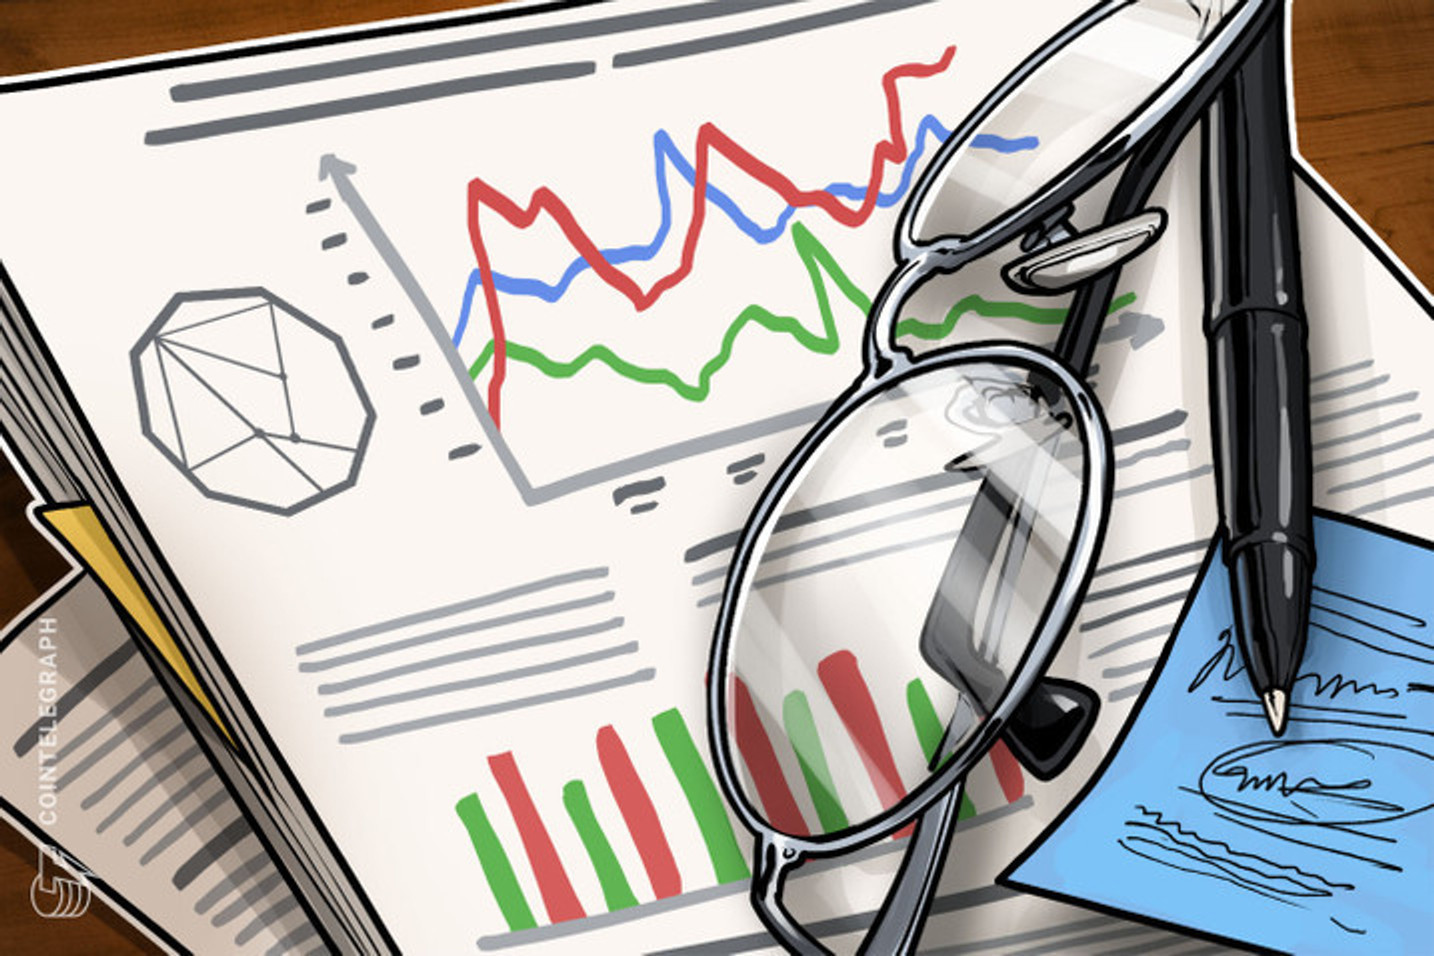 Según un informe, el 29% de los salvadoreños está en desacuerdo con la adopción de Bitcoin como moneda de curso legal